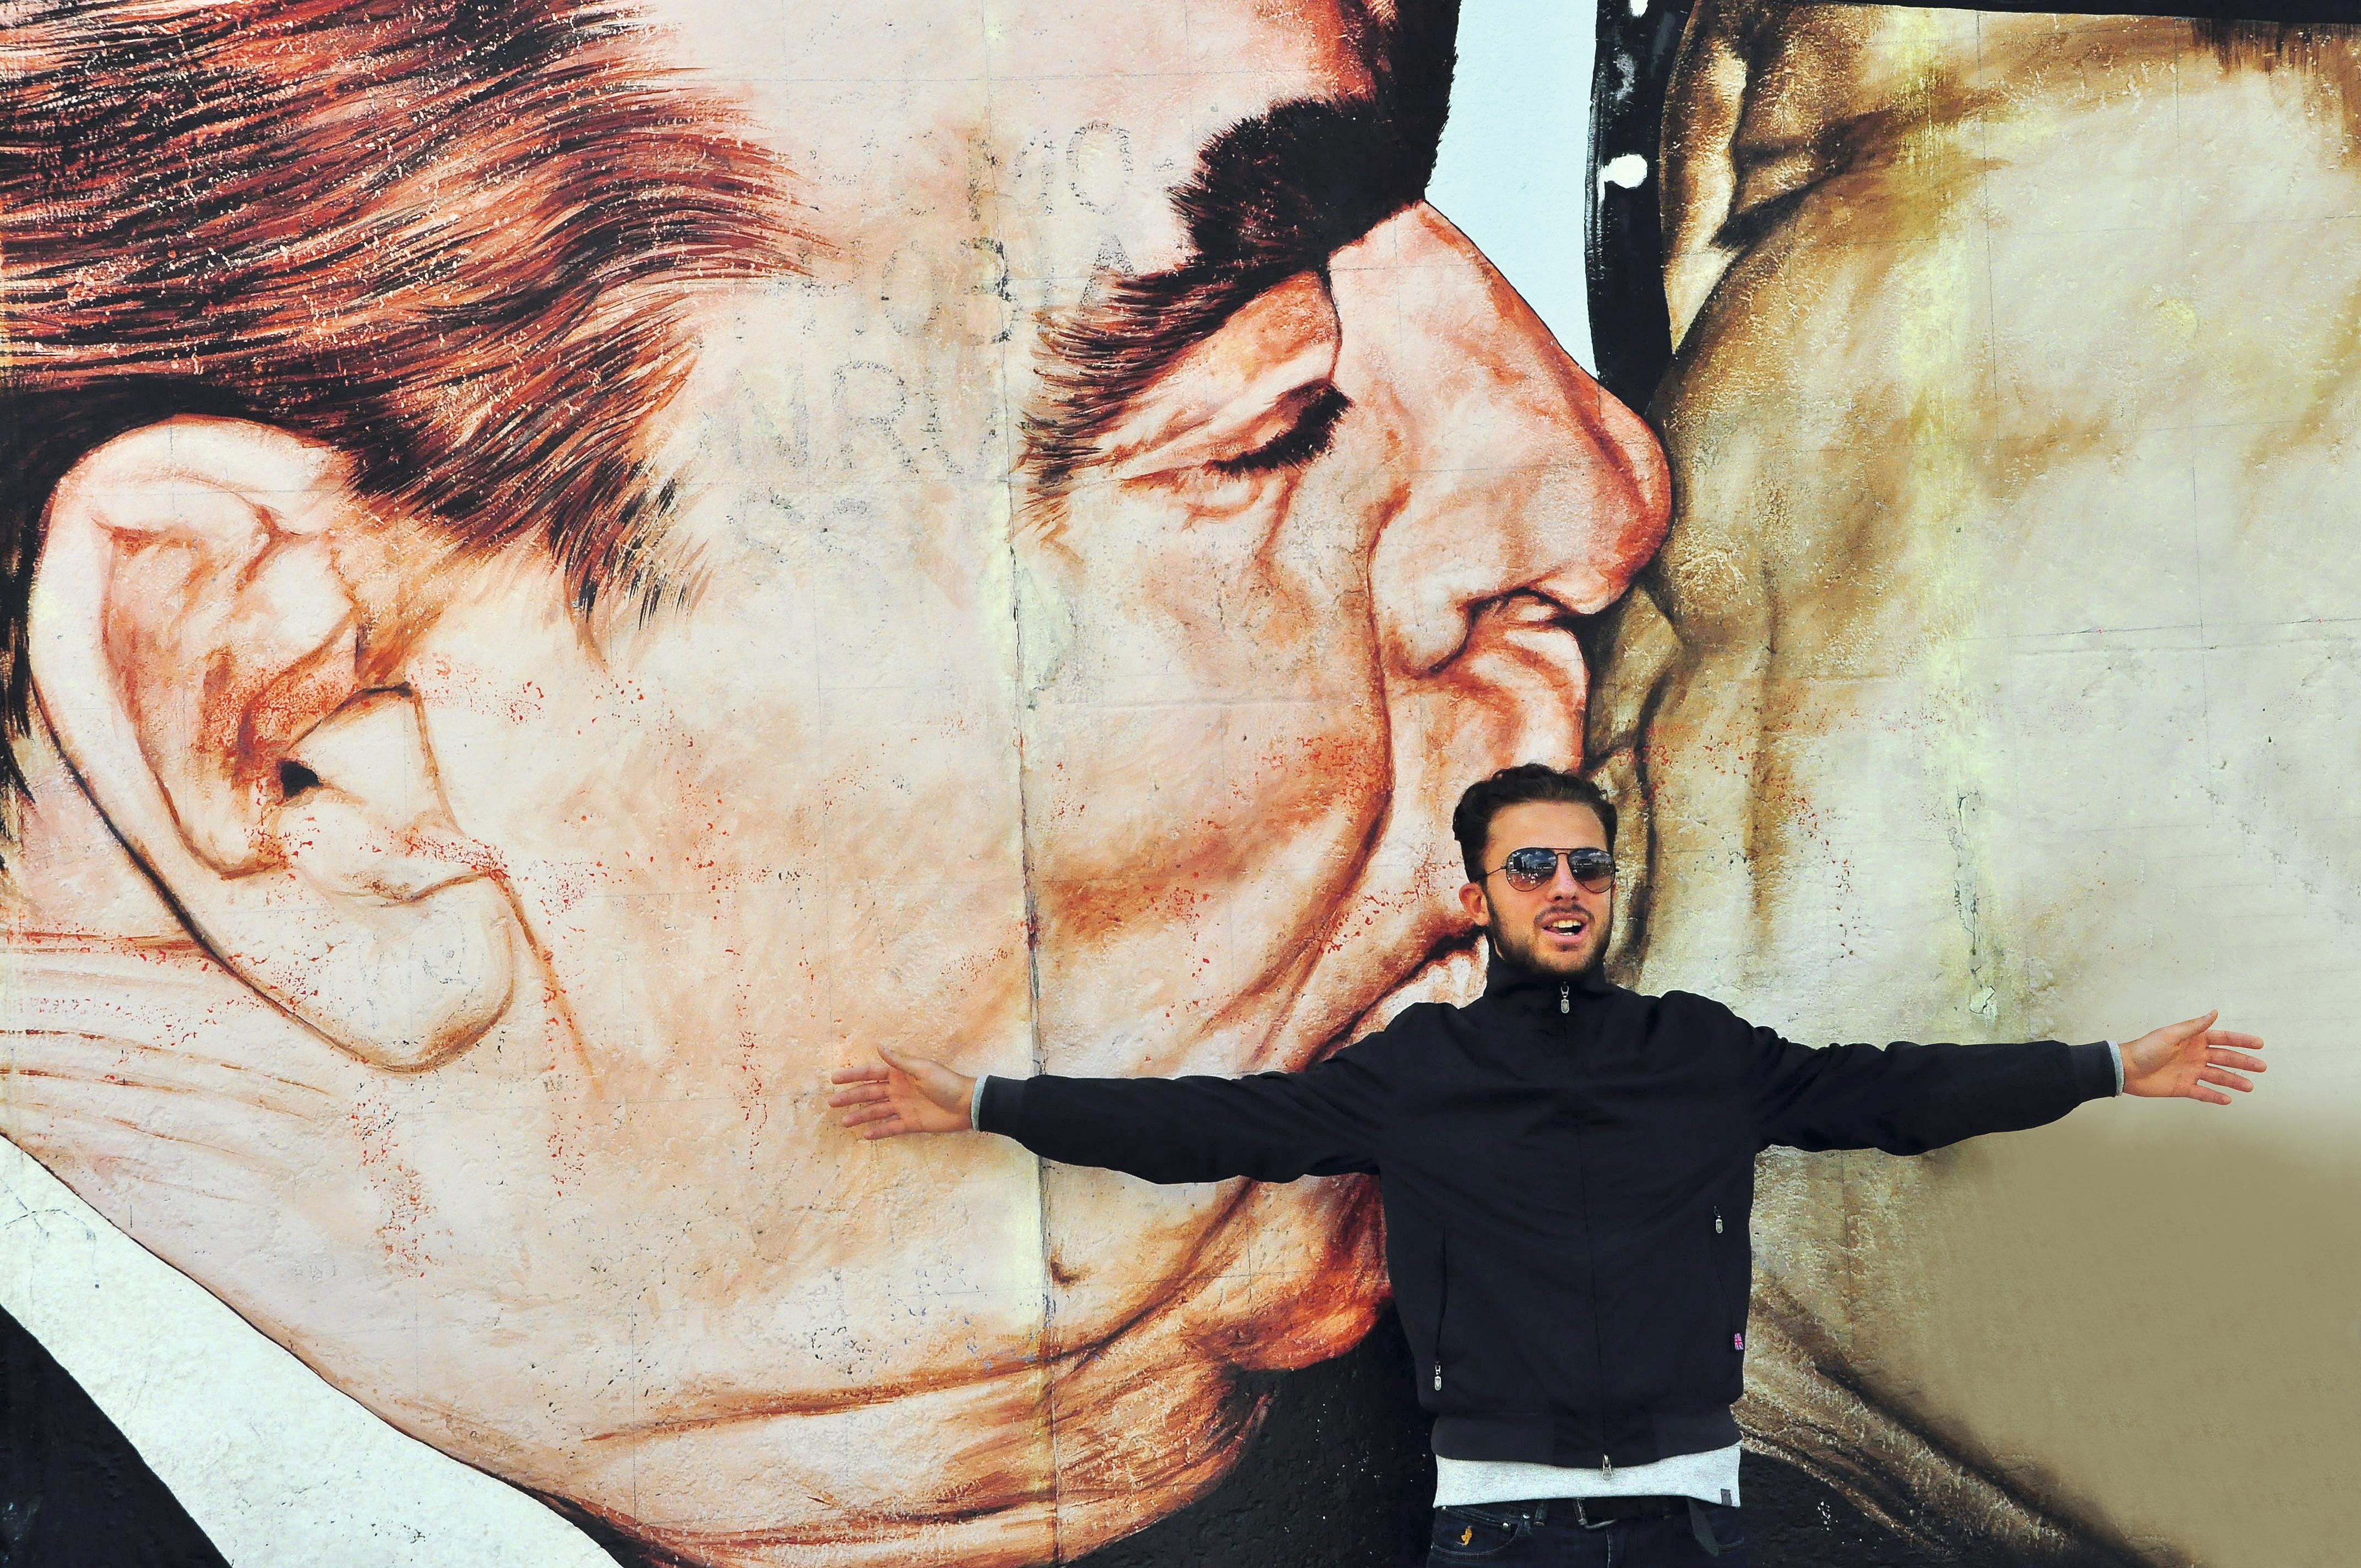 Beijo de Honecker com Brezhnev na East Side Gallery em Berlim